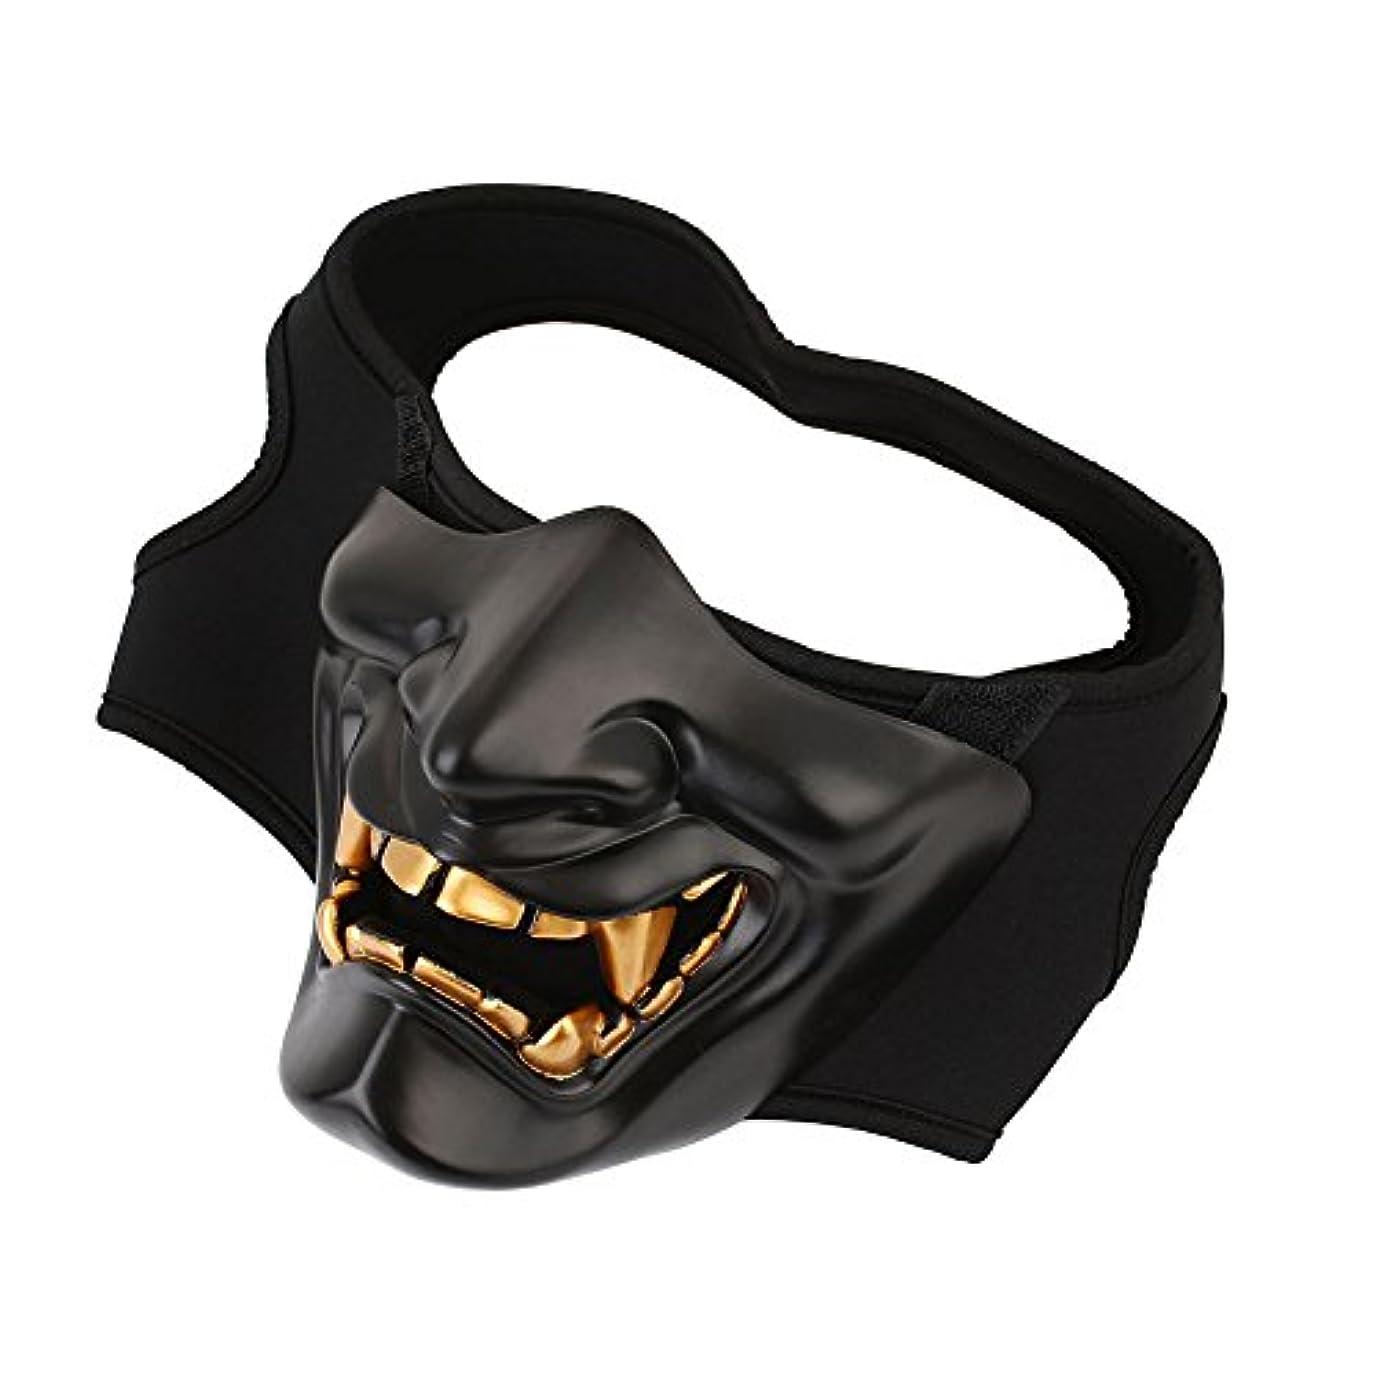 猫背再生可能降臨Auntwhale ハロウィーンマスク大人恐怖コスチューム、悪魔ファンシーマスカレードパーティーハロウィンマスク、フェスティバル通気性ギフトヘッドマスク - ブラック